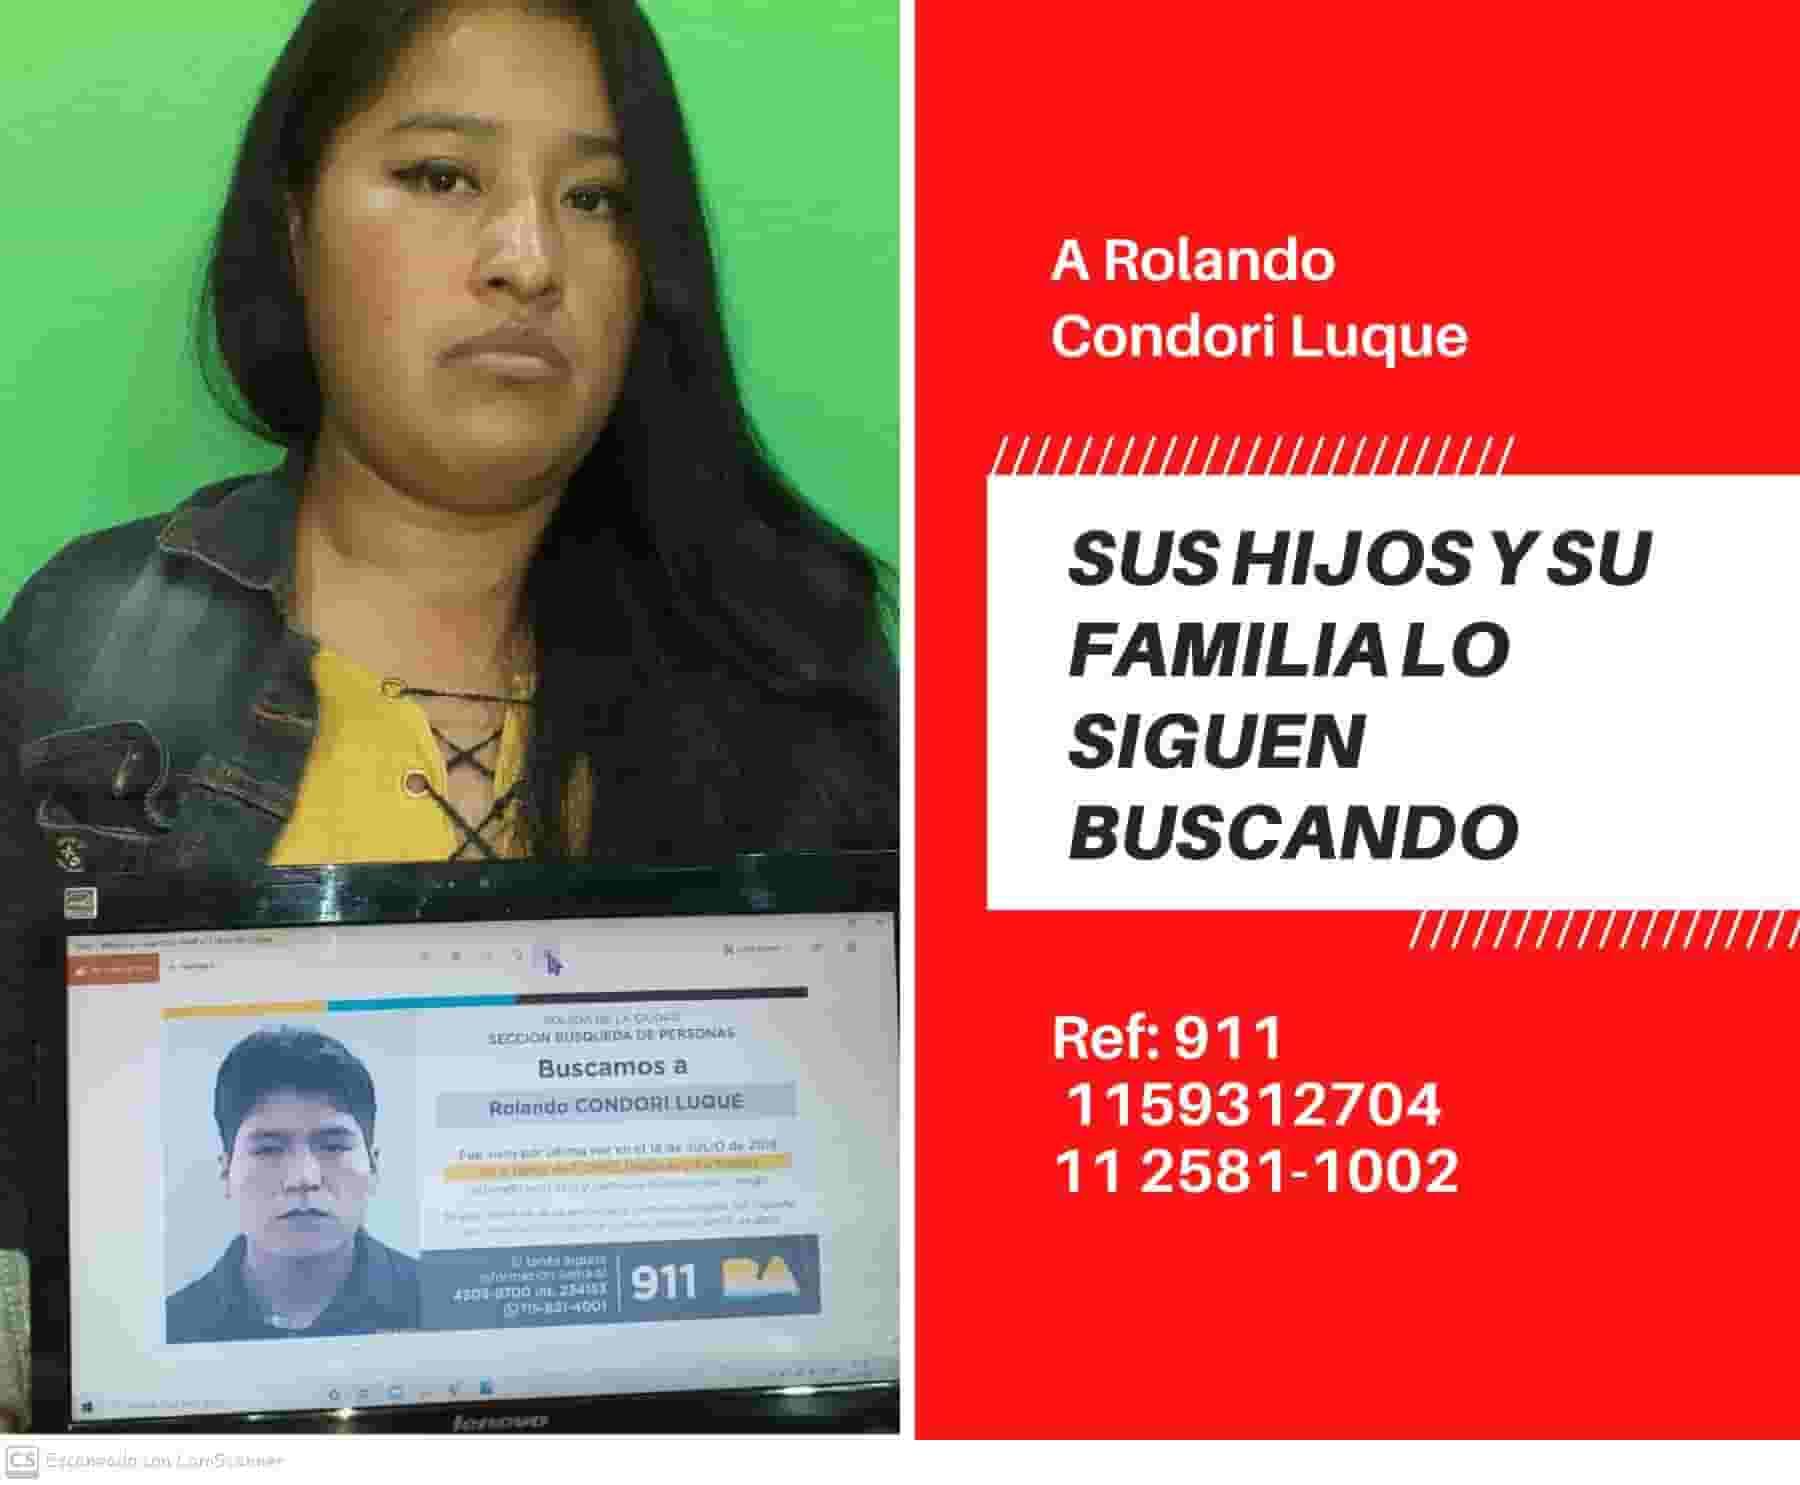 Rolando Condori Luque desaparecido en Buenos Aires